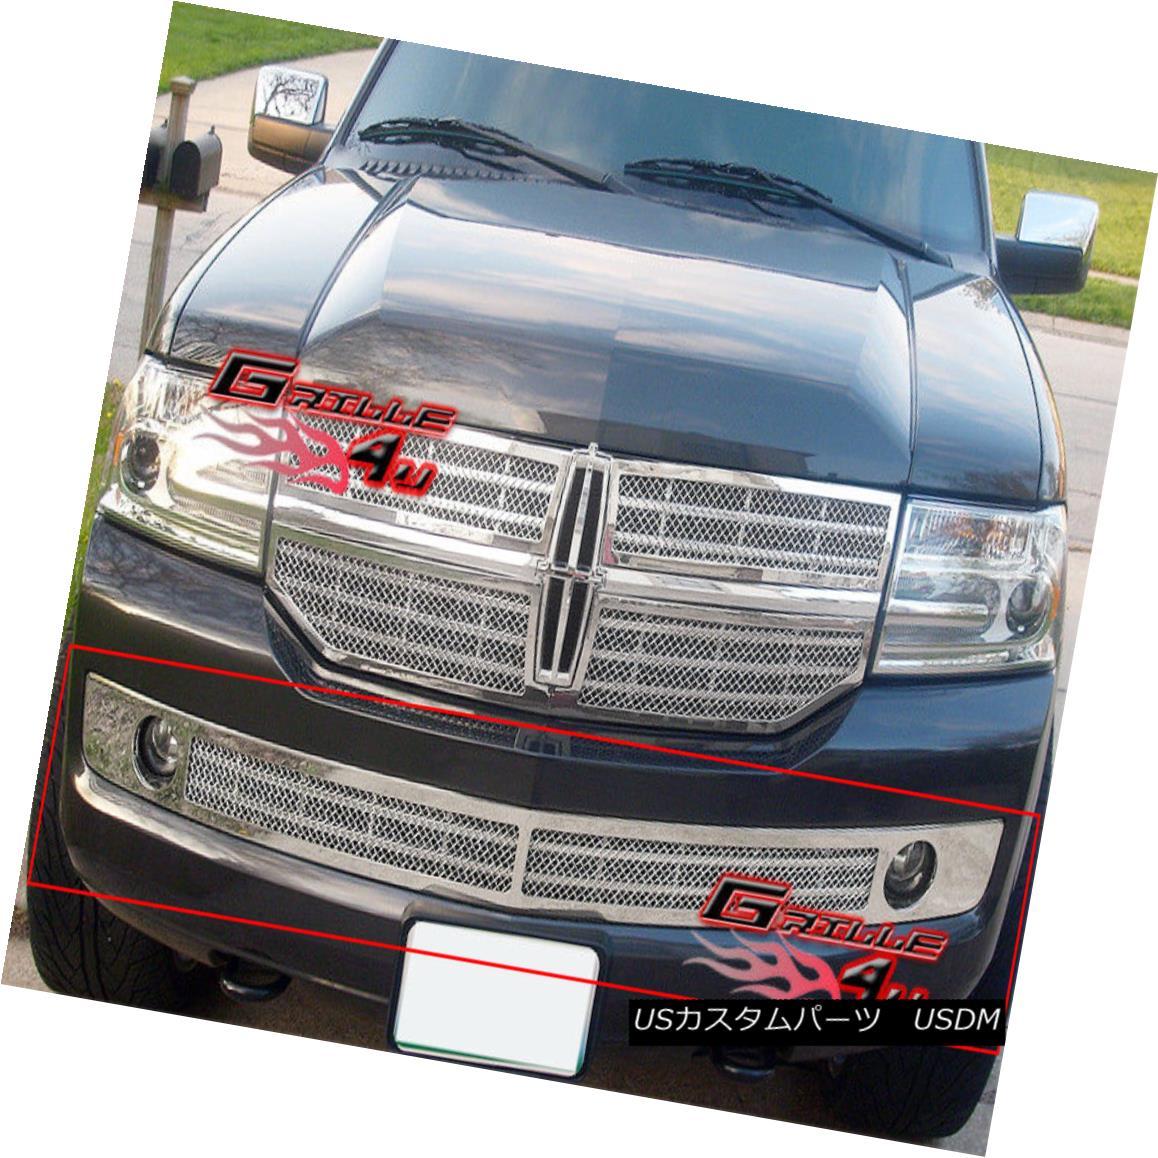 グリル For 2007-2014 Lincoln Navigator Bumper Stainless Steel Mesh Grille Grill 2007?2014年のリンカーンナビゲータバンパーステンレスメッシュグリルグリル